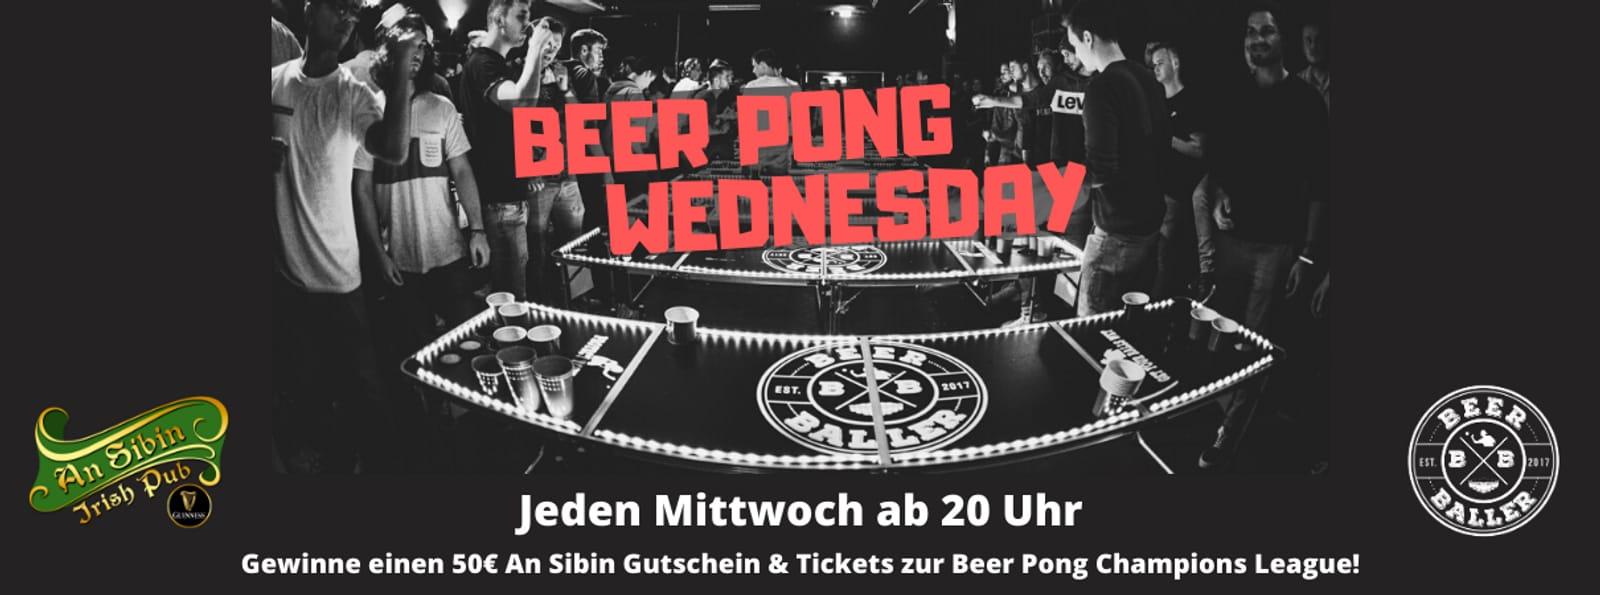 Beer Pong Darmstadt 22.01.20